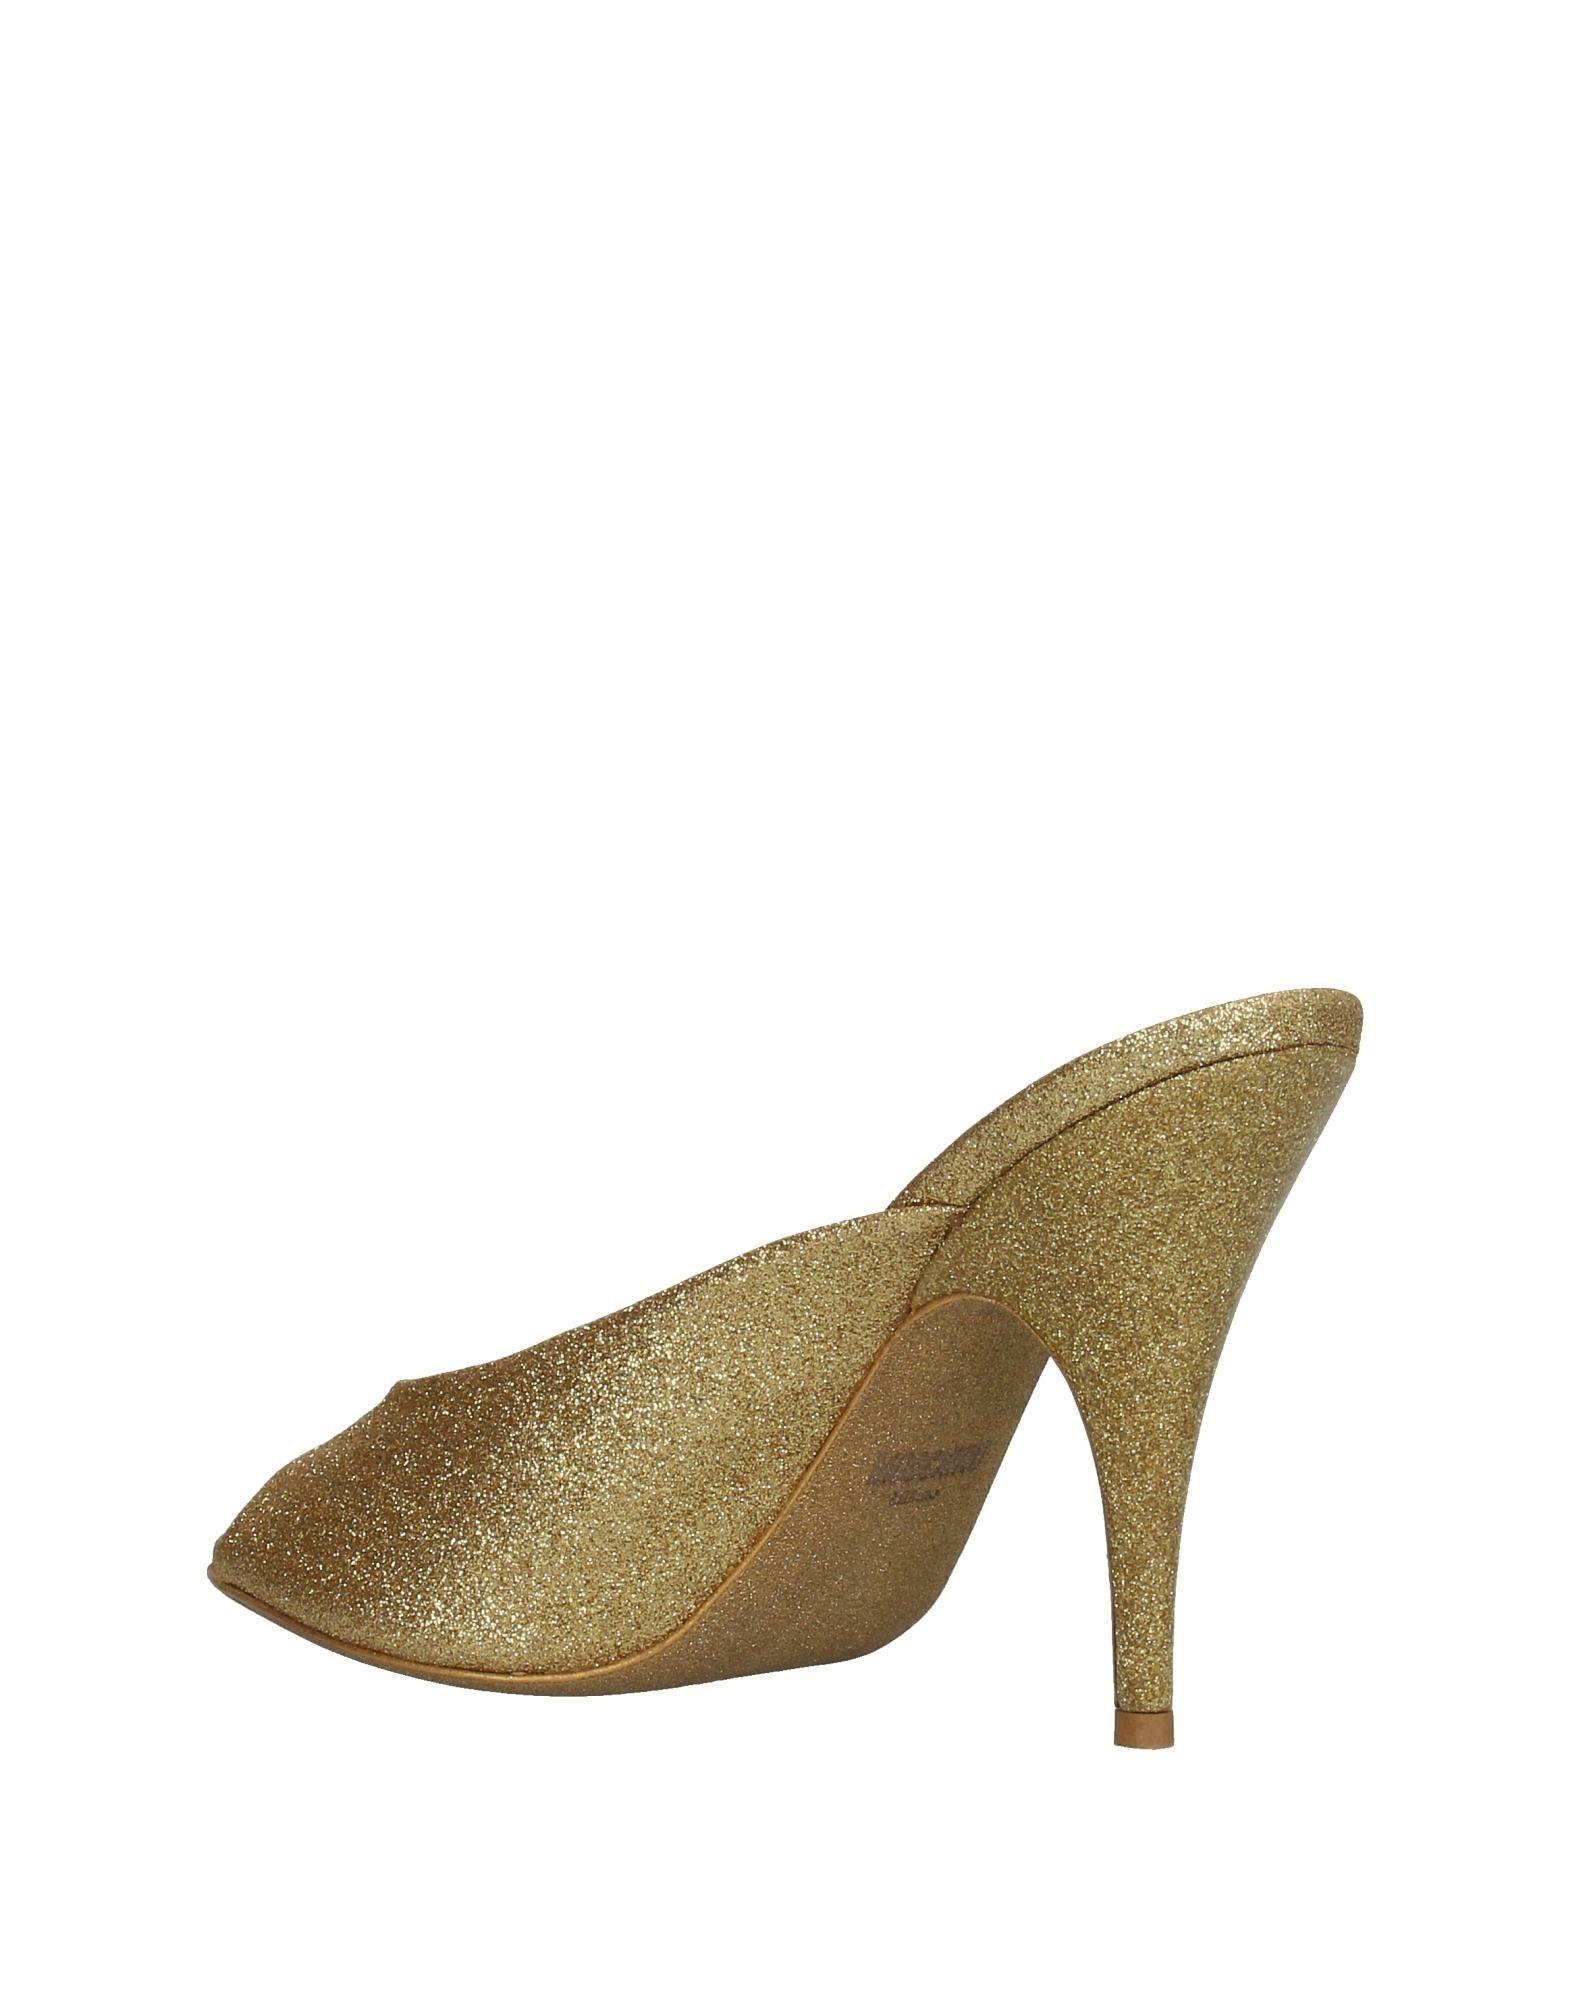 Rabatt Schuhe Sandalen Moschino Sandalen Schuhe Damen  11356520GA 966a02